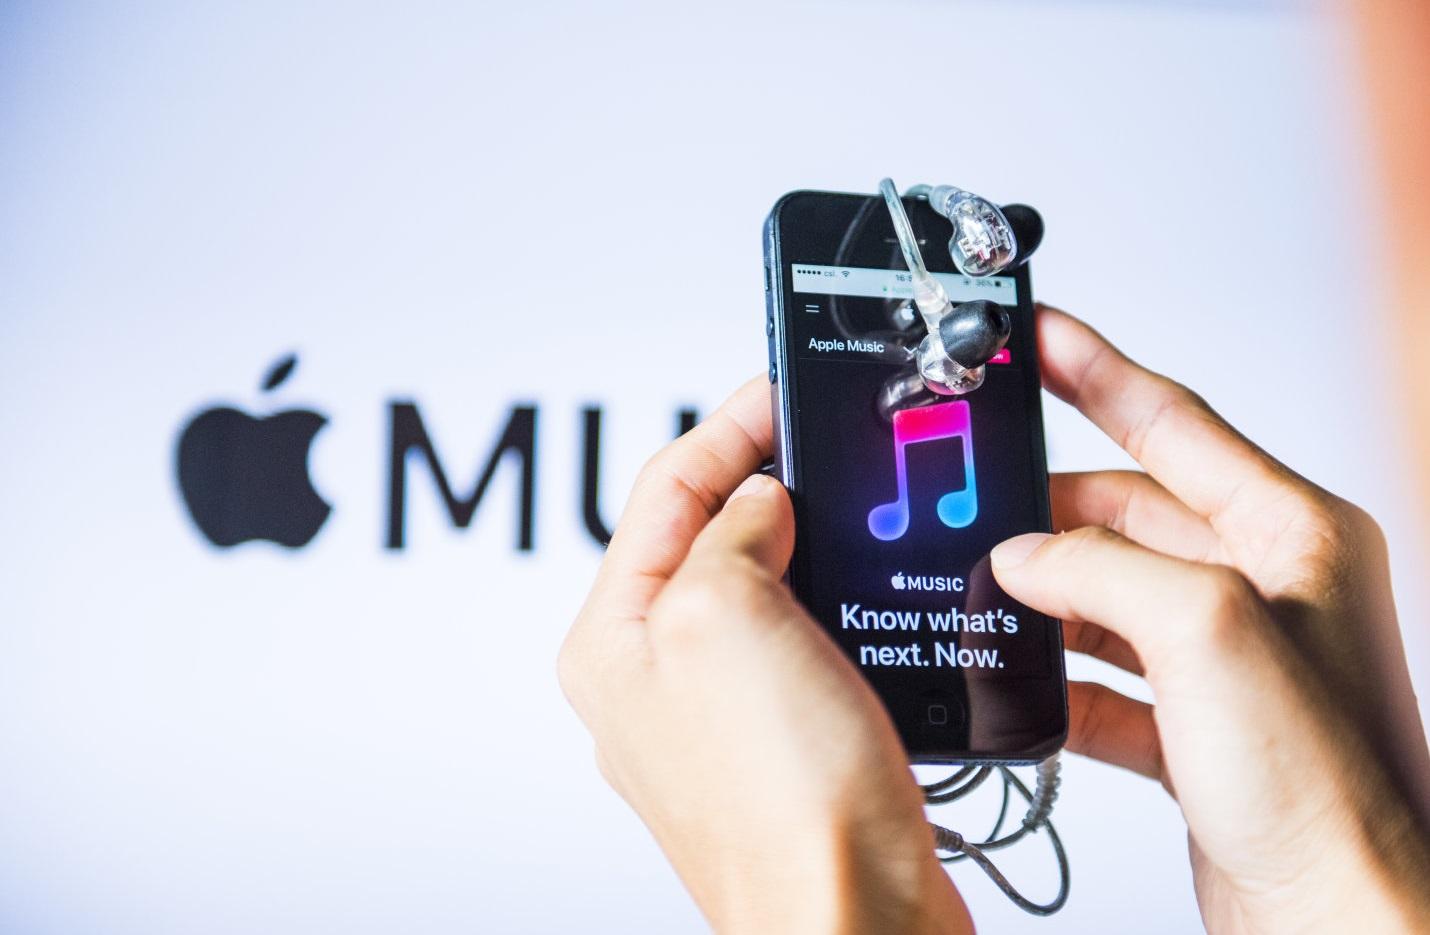 پیشیگرفتن تعداد کاربران اپل موزیک از اسپاتیفای در آمریکا